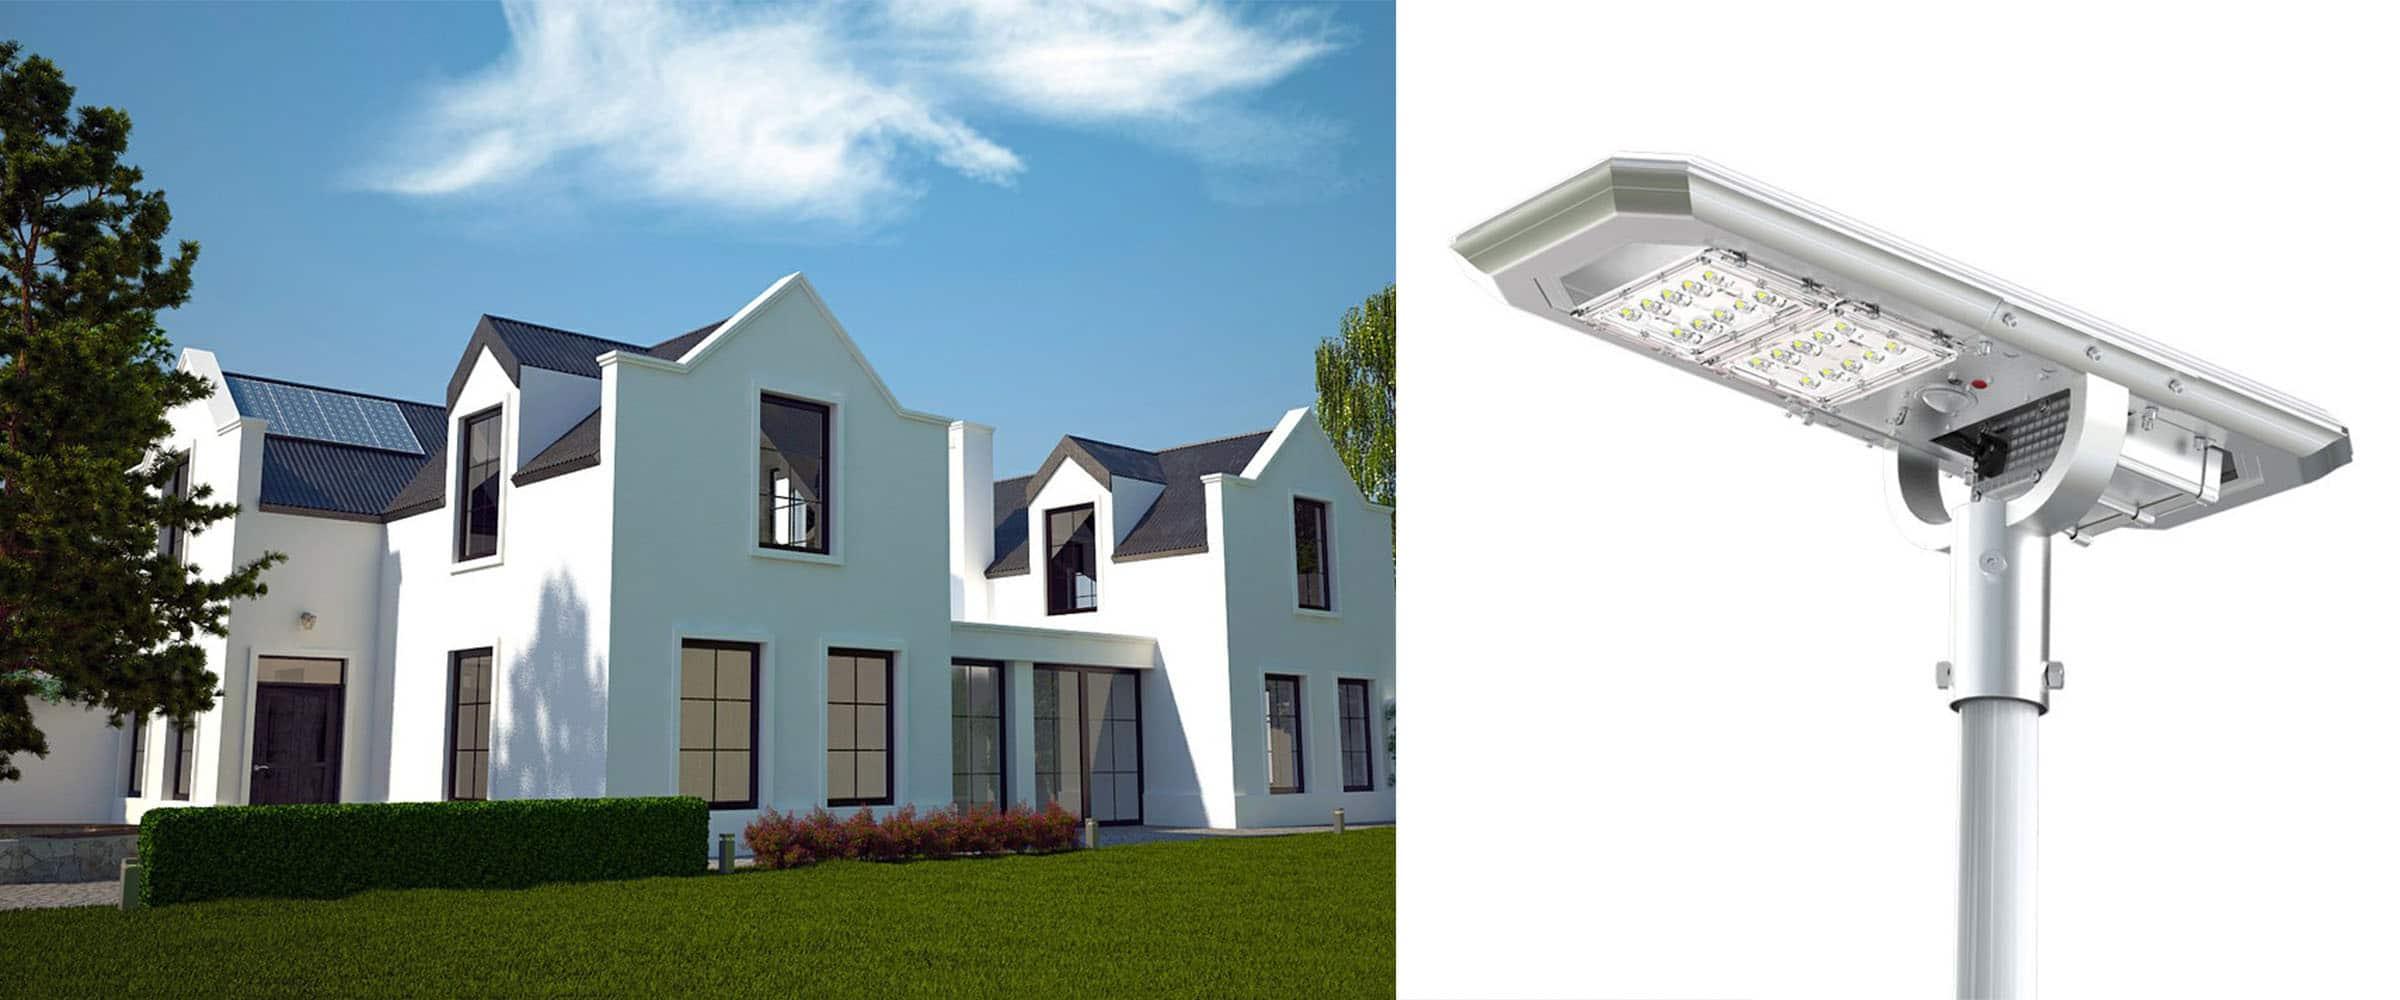 Solarna latarnia uliczna 12,5